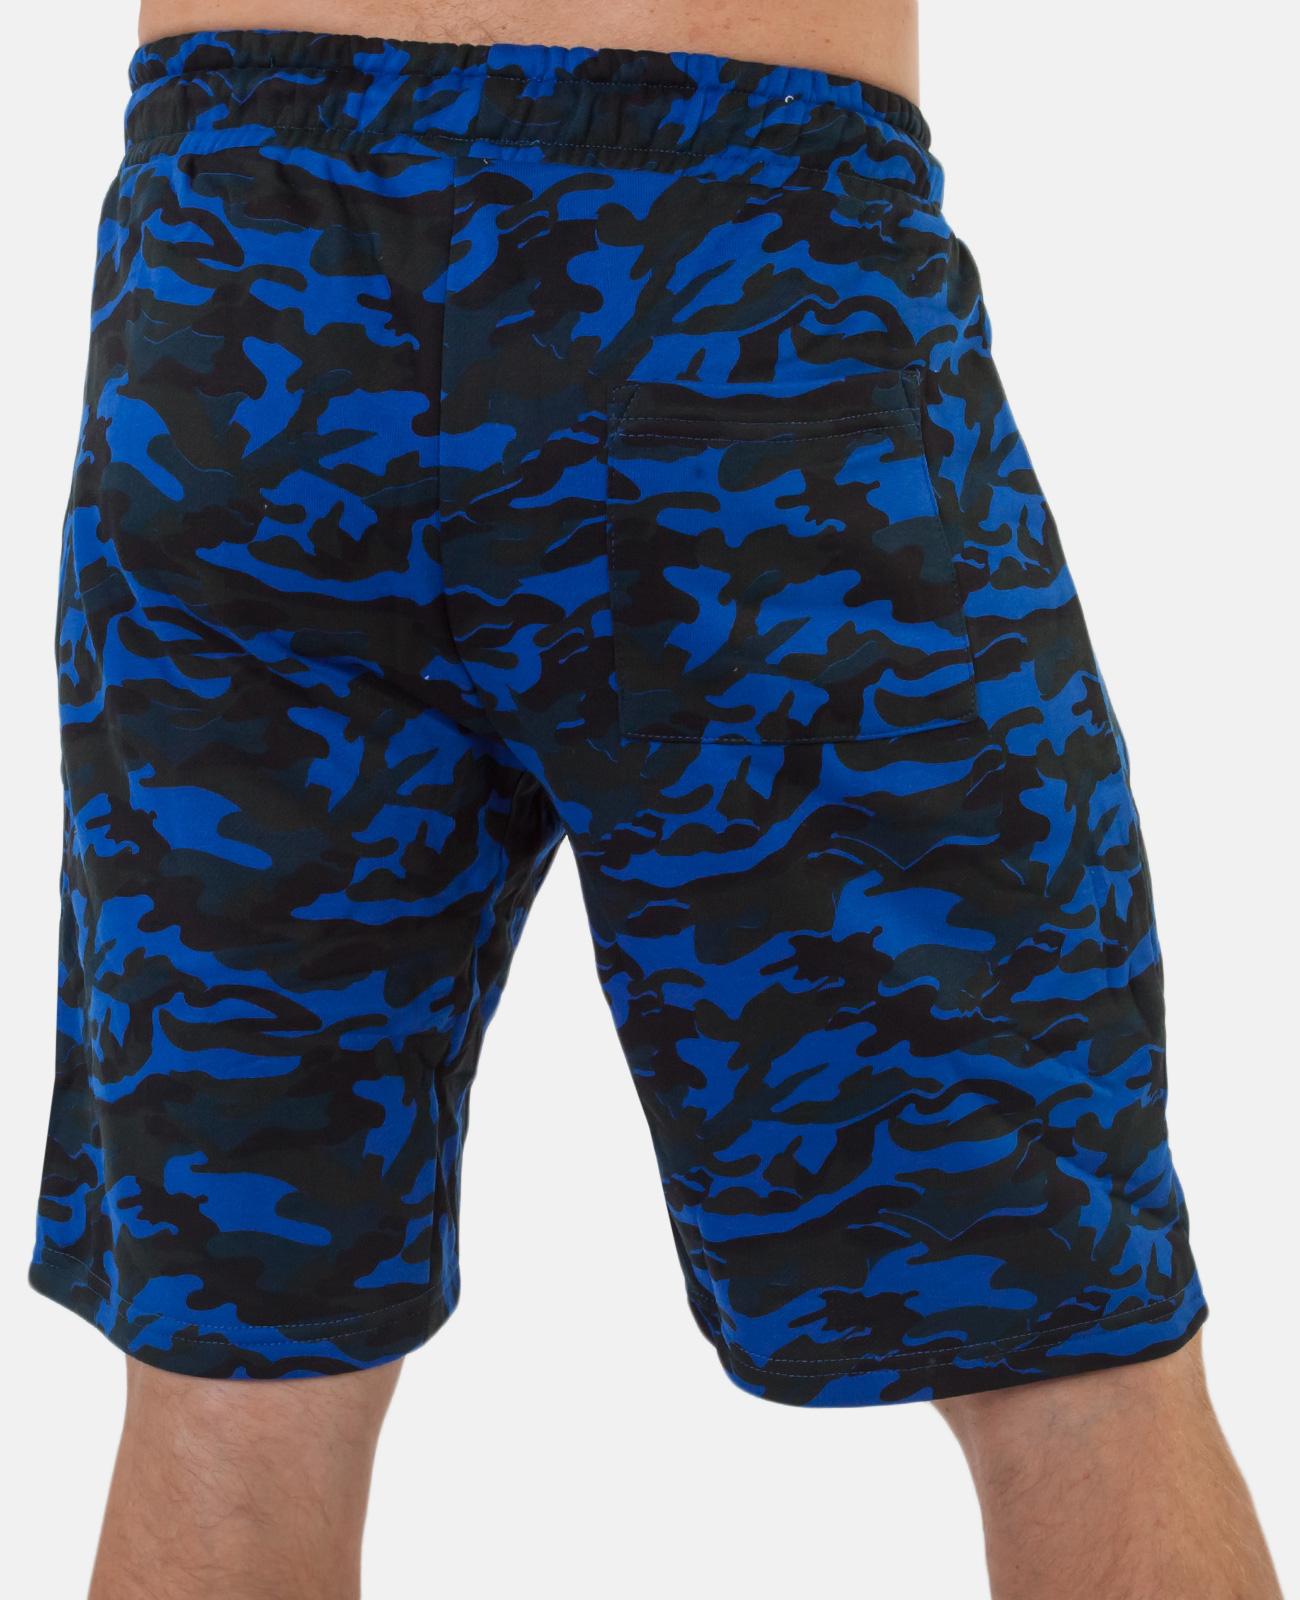 Удлиненные камуфляжные шорты с нашивкой РВСН - купить онлайн